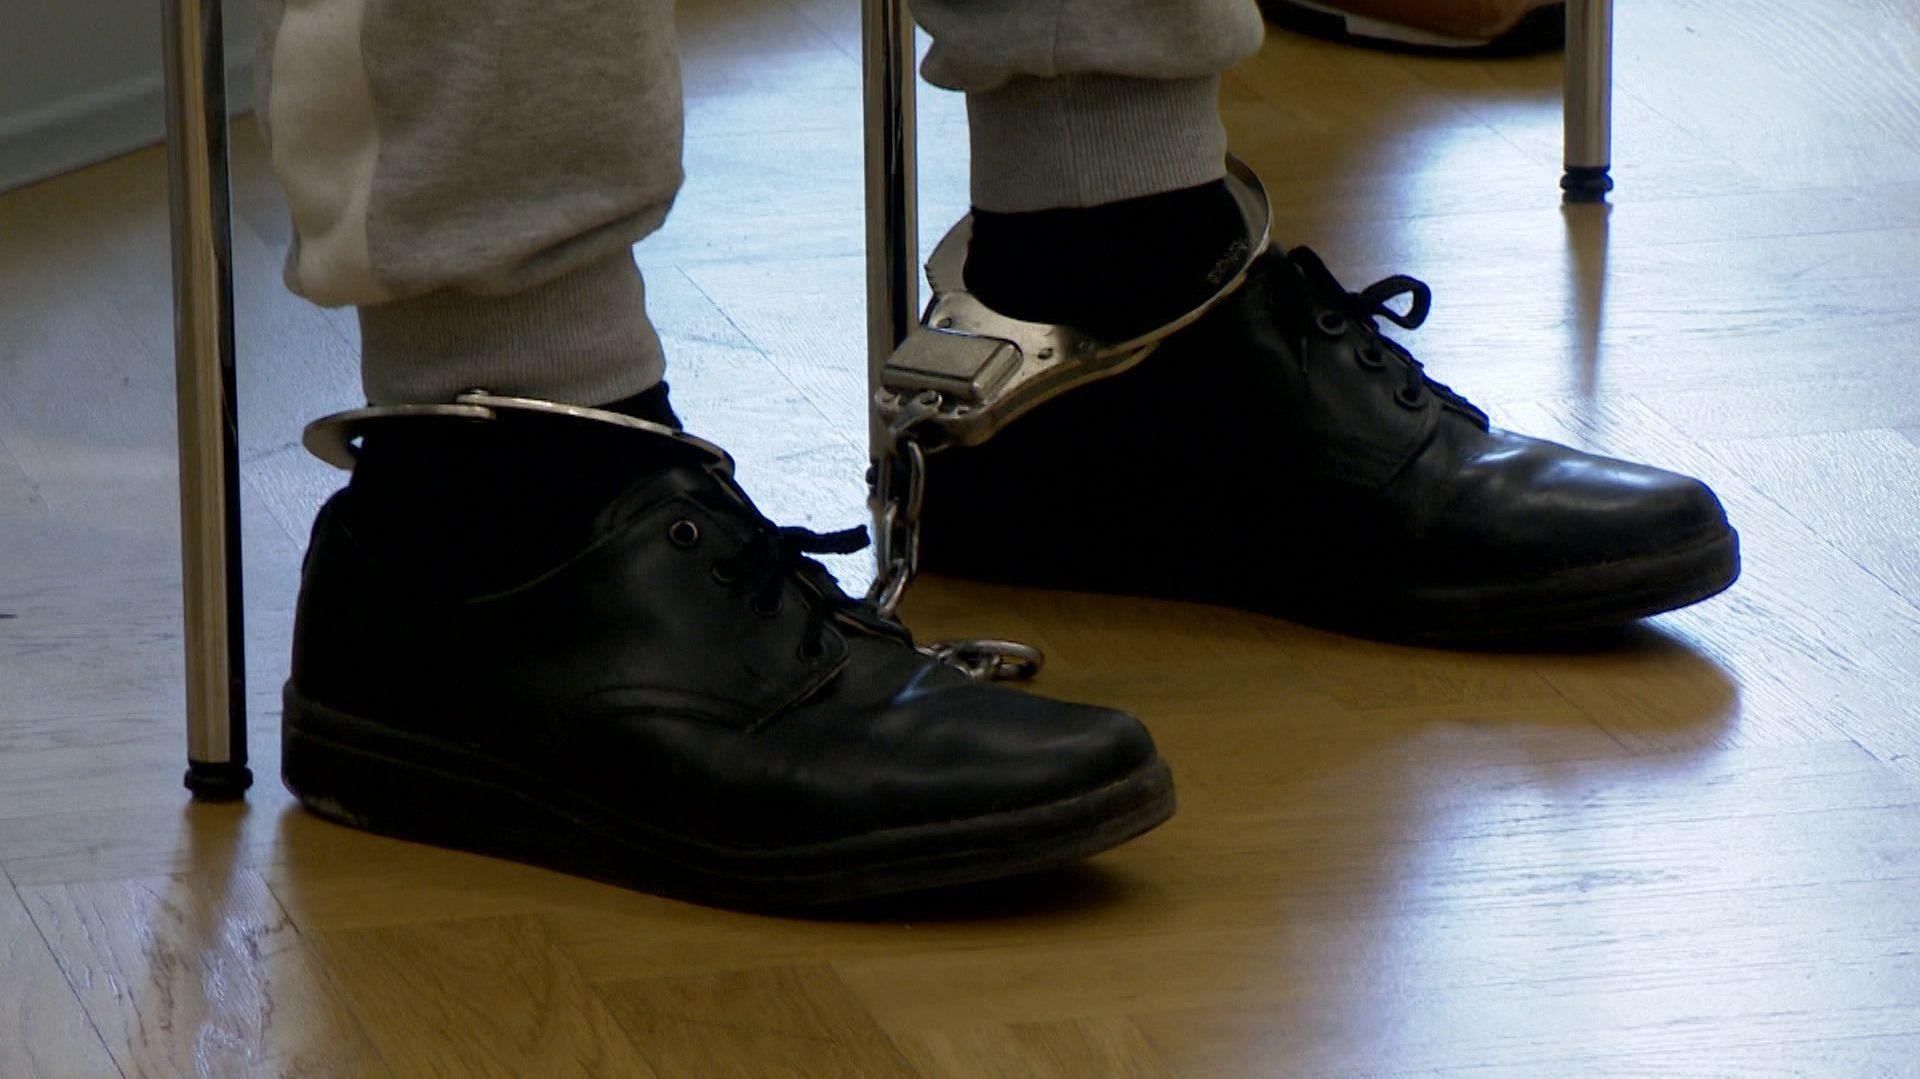 Prügel-Prozess in Amberg: Angeklagter mit Fußfesseln